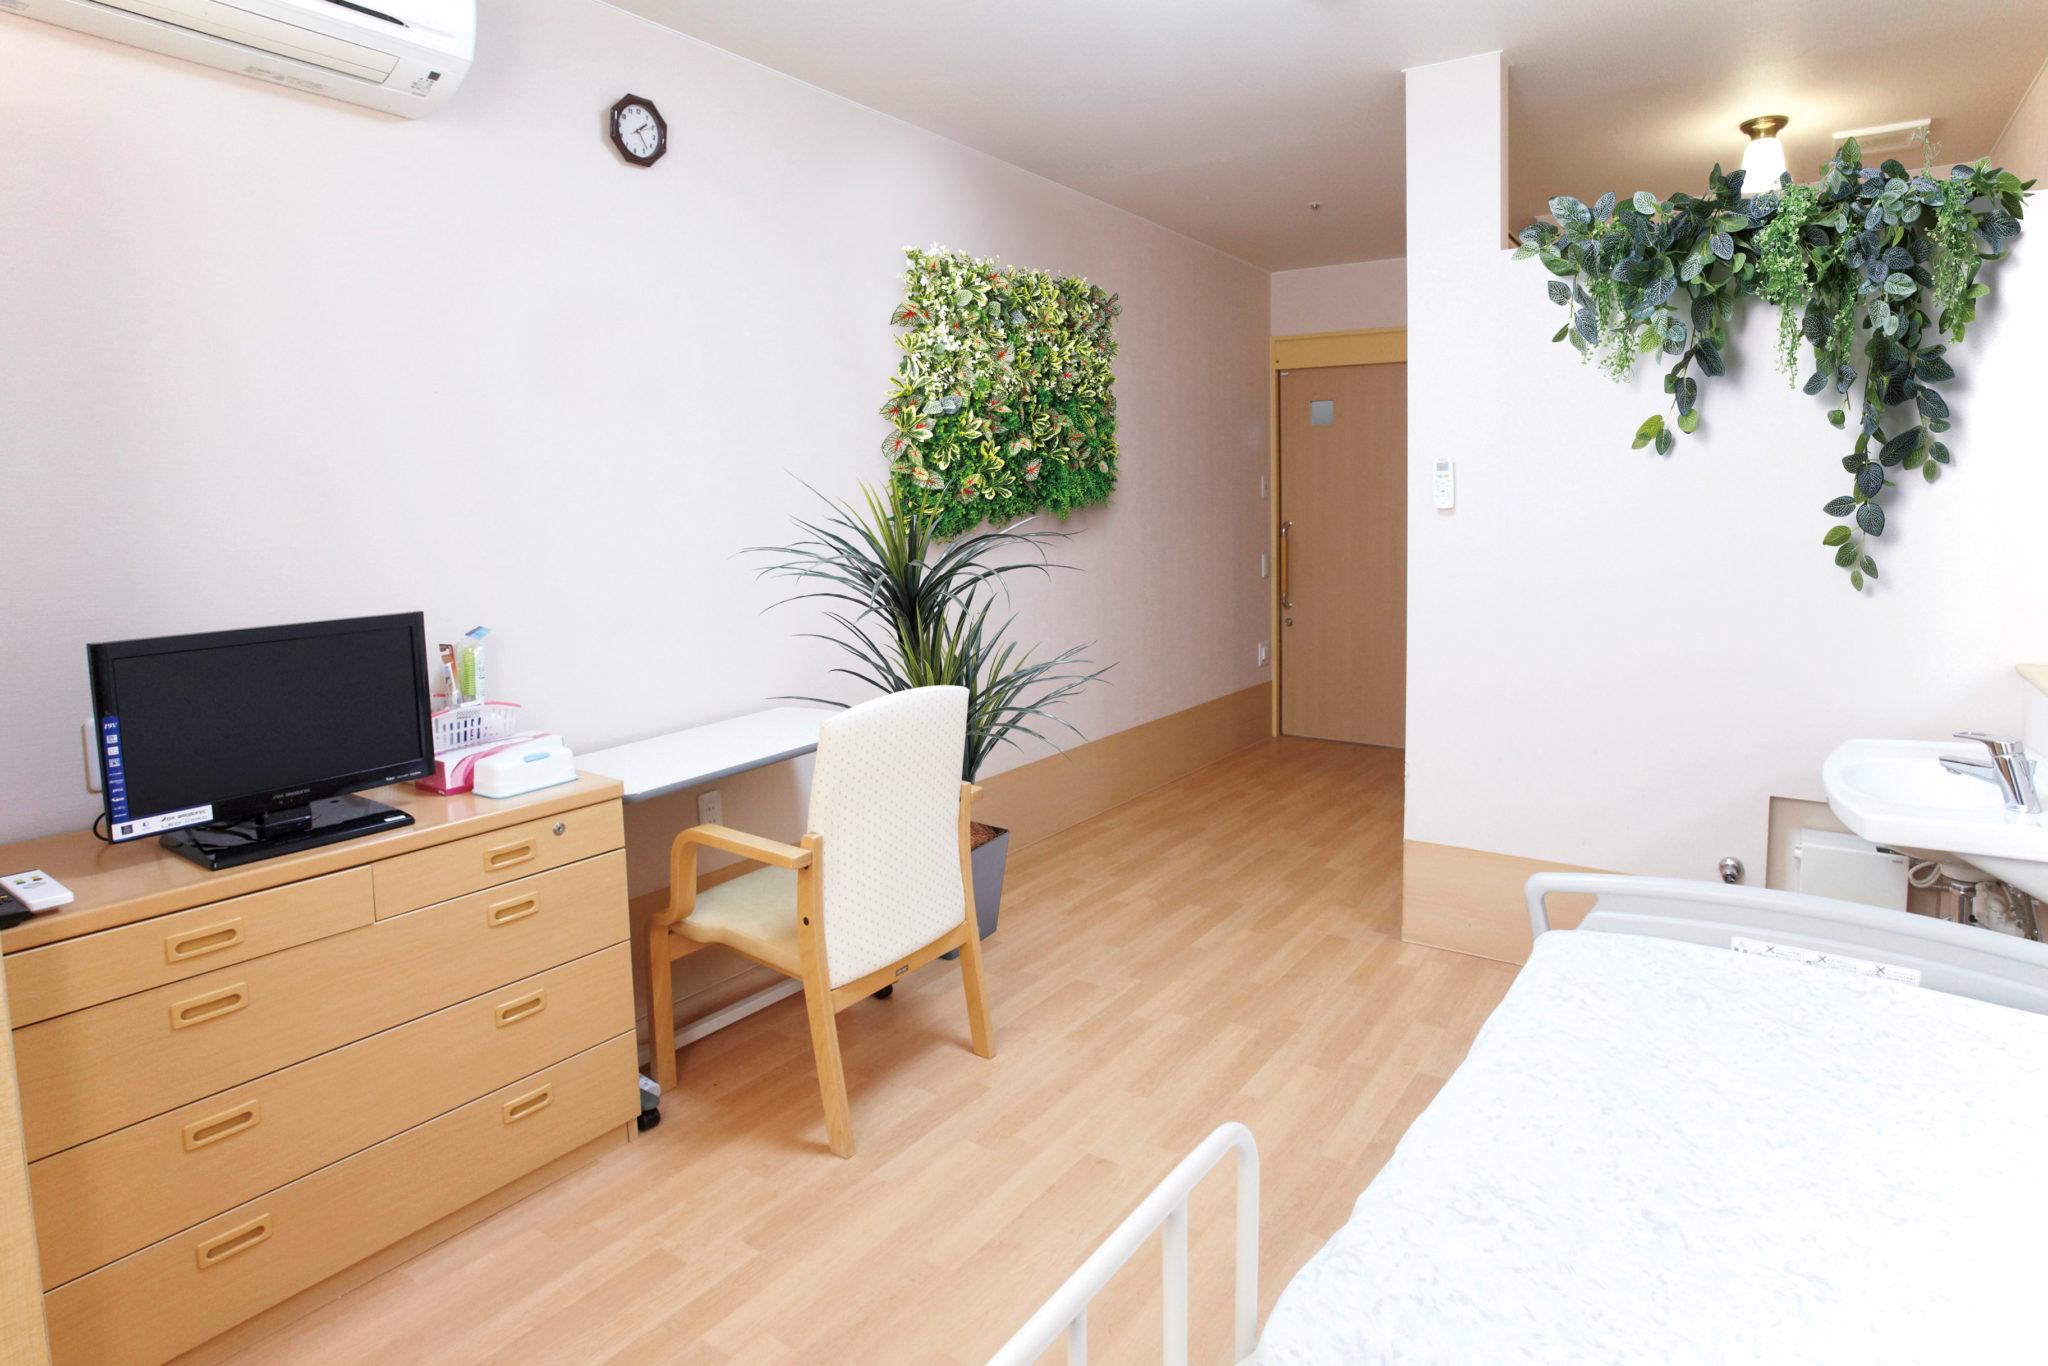 介護施設 - 個室